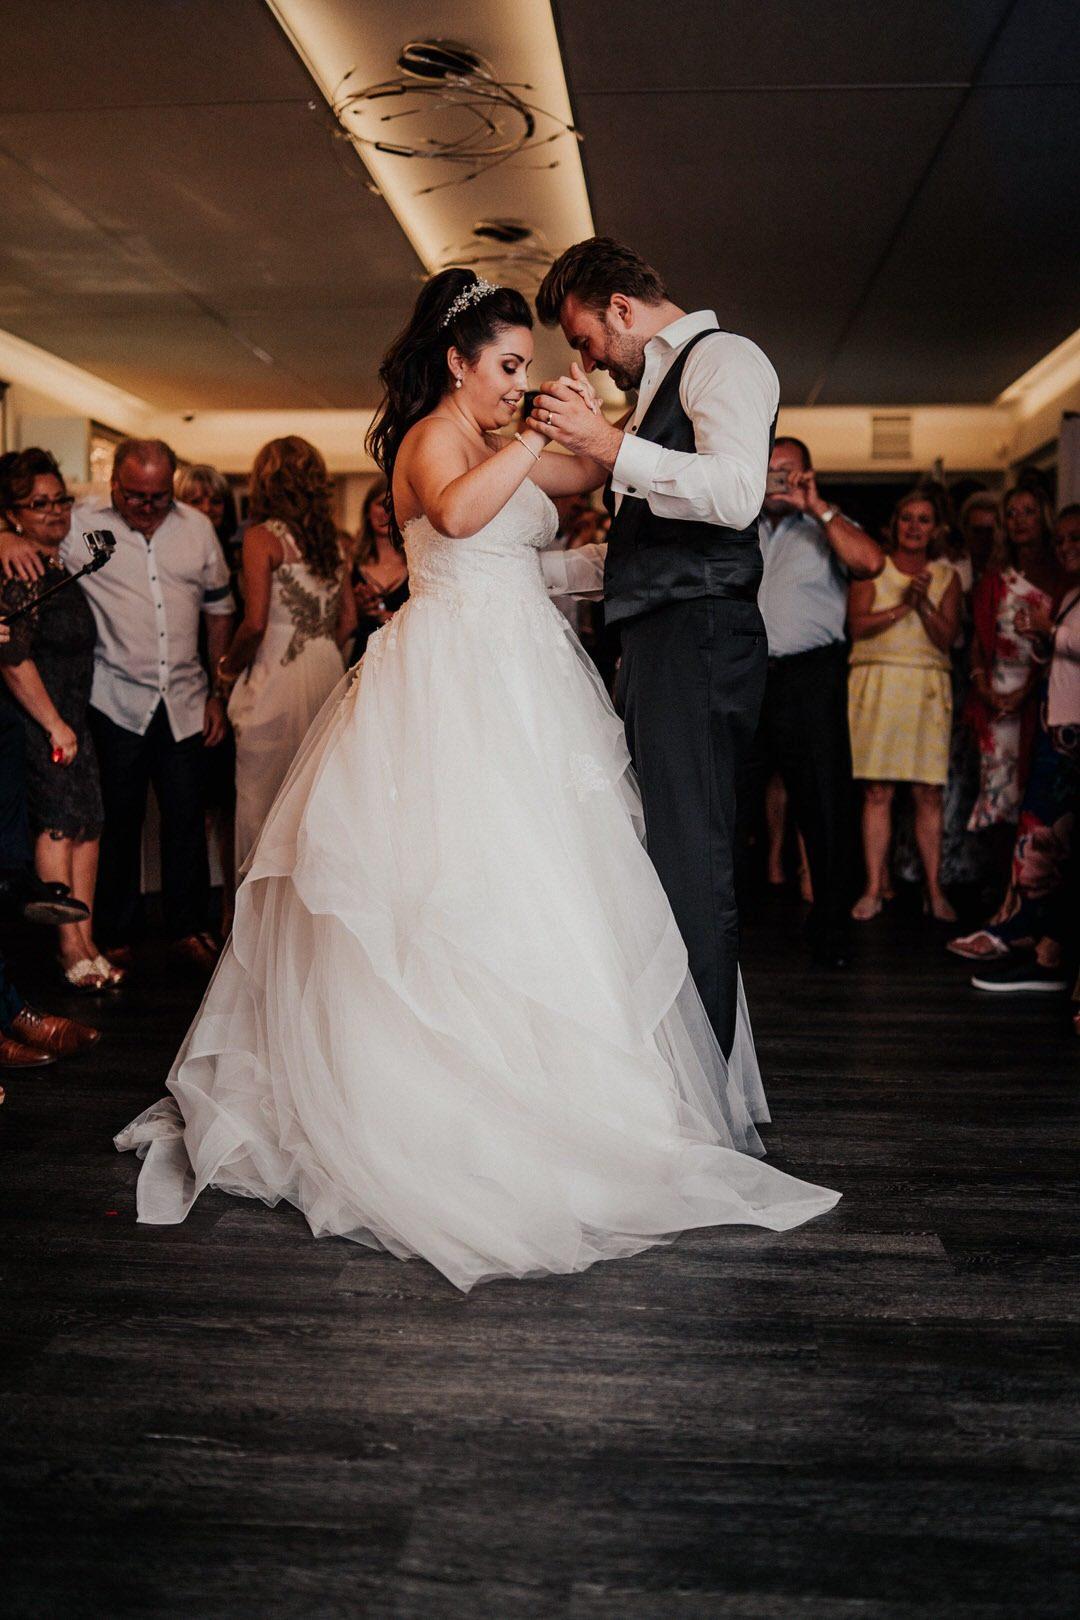 Hochzeitsbilder vom Brautpaar-Eröffnungs-Tanz bei einer italienischen Hochzeit in Gießen, Hessen.